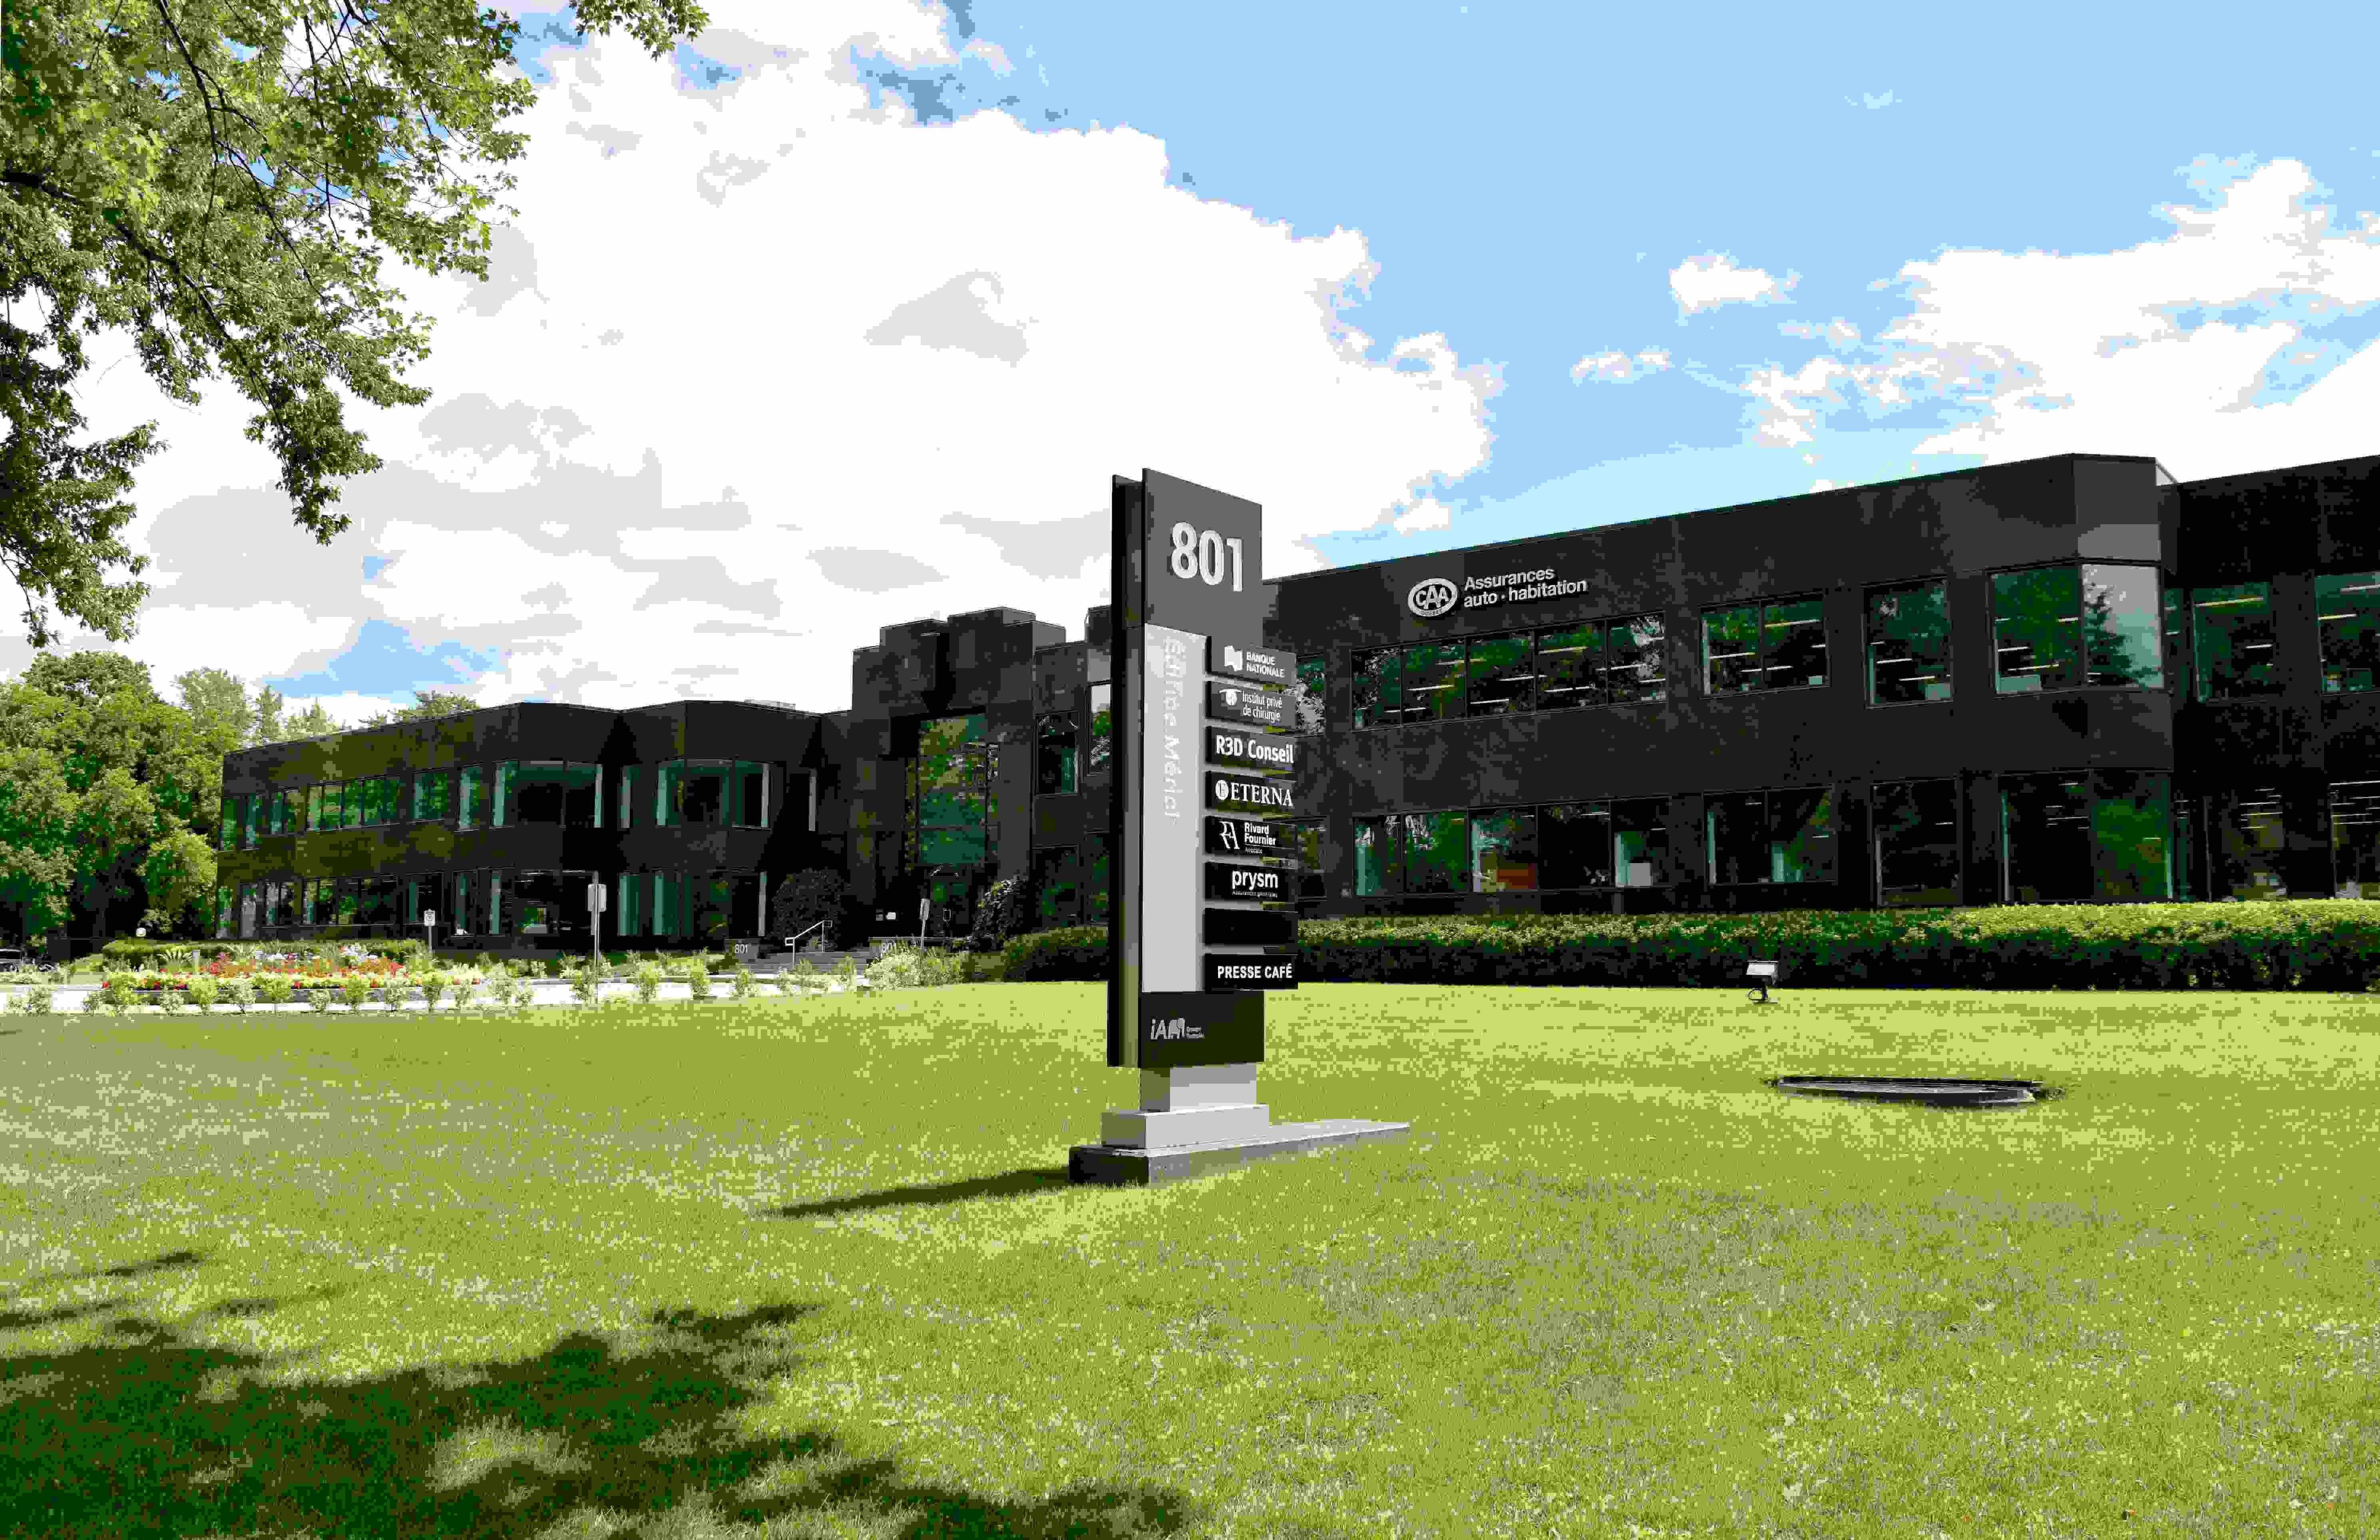 801 Grande Allée West, Quebec City, Québec